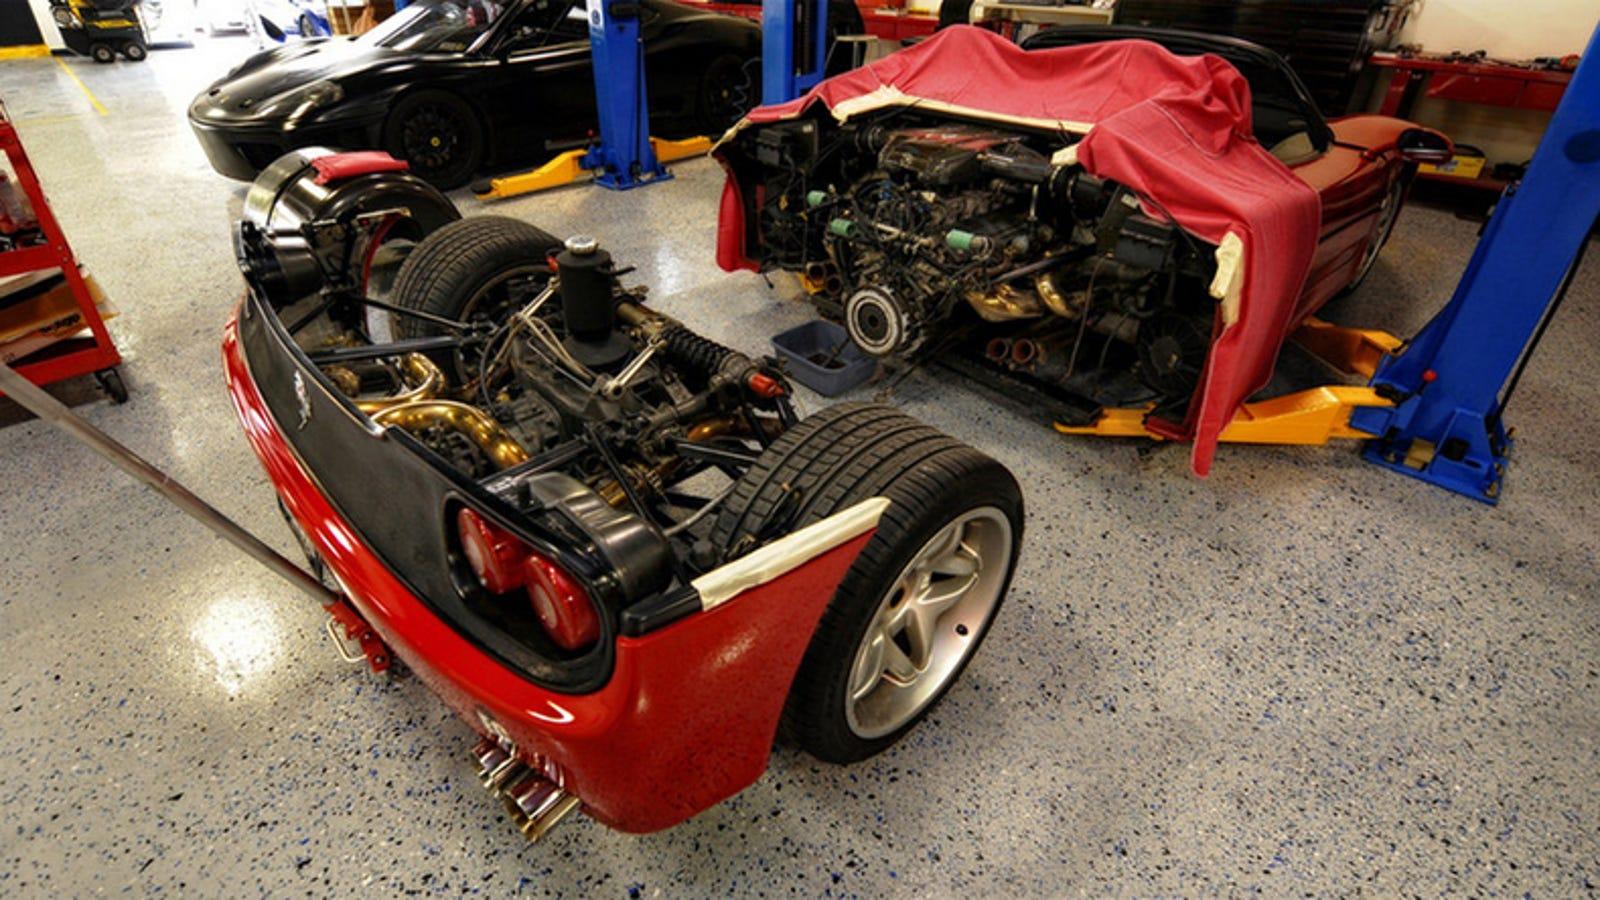 Ferrari F50 Supercar Teardown